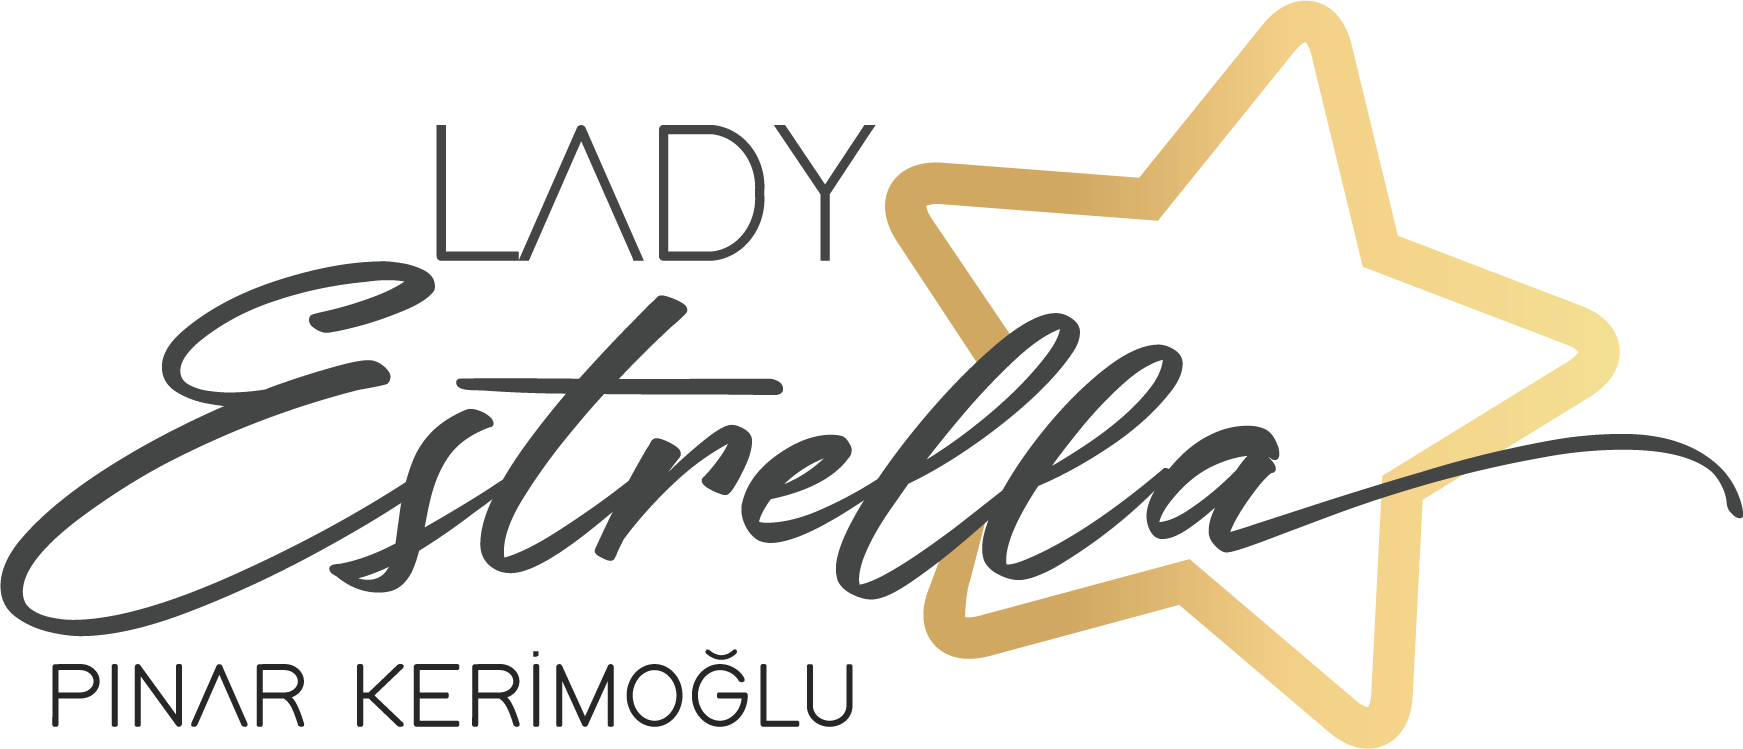 Lady Estrella | Design By Pınar Kerimoğlu